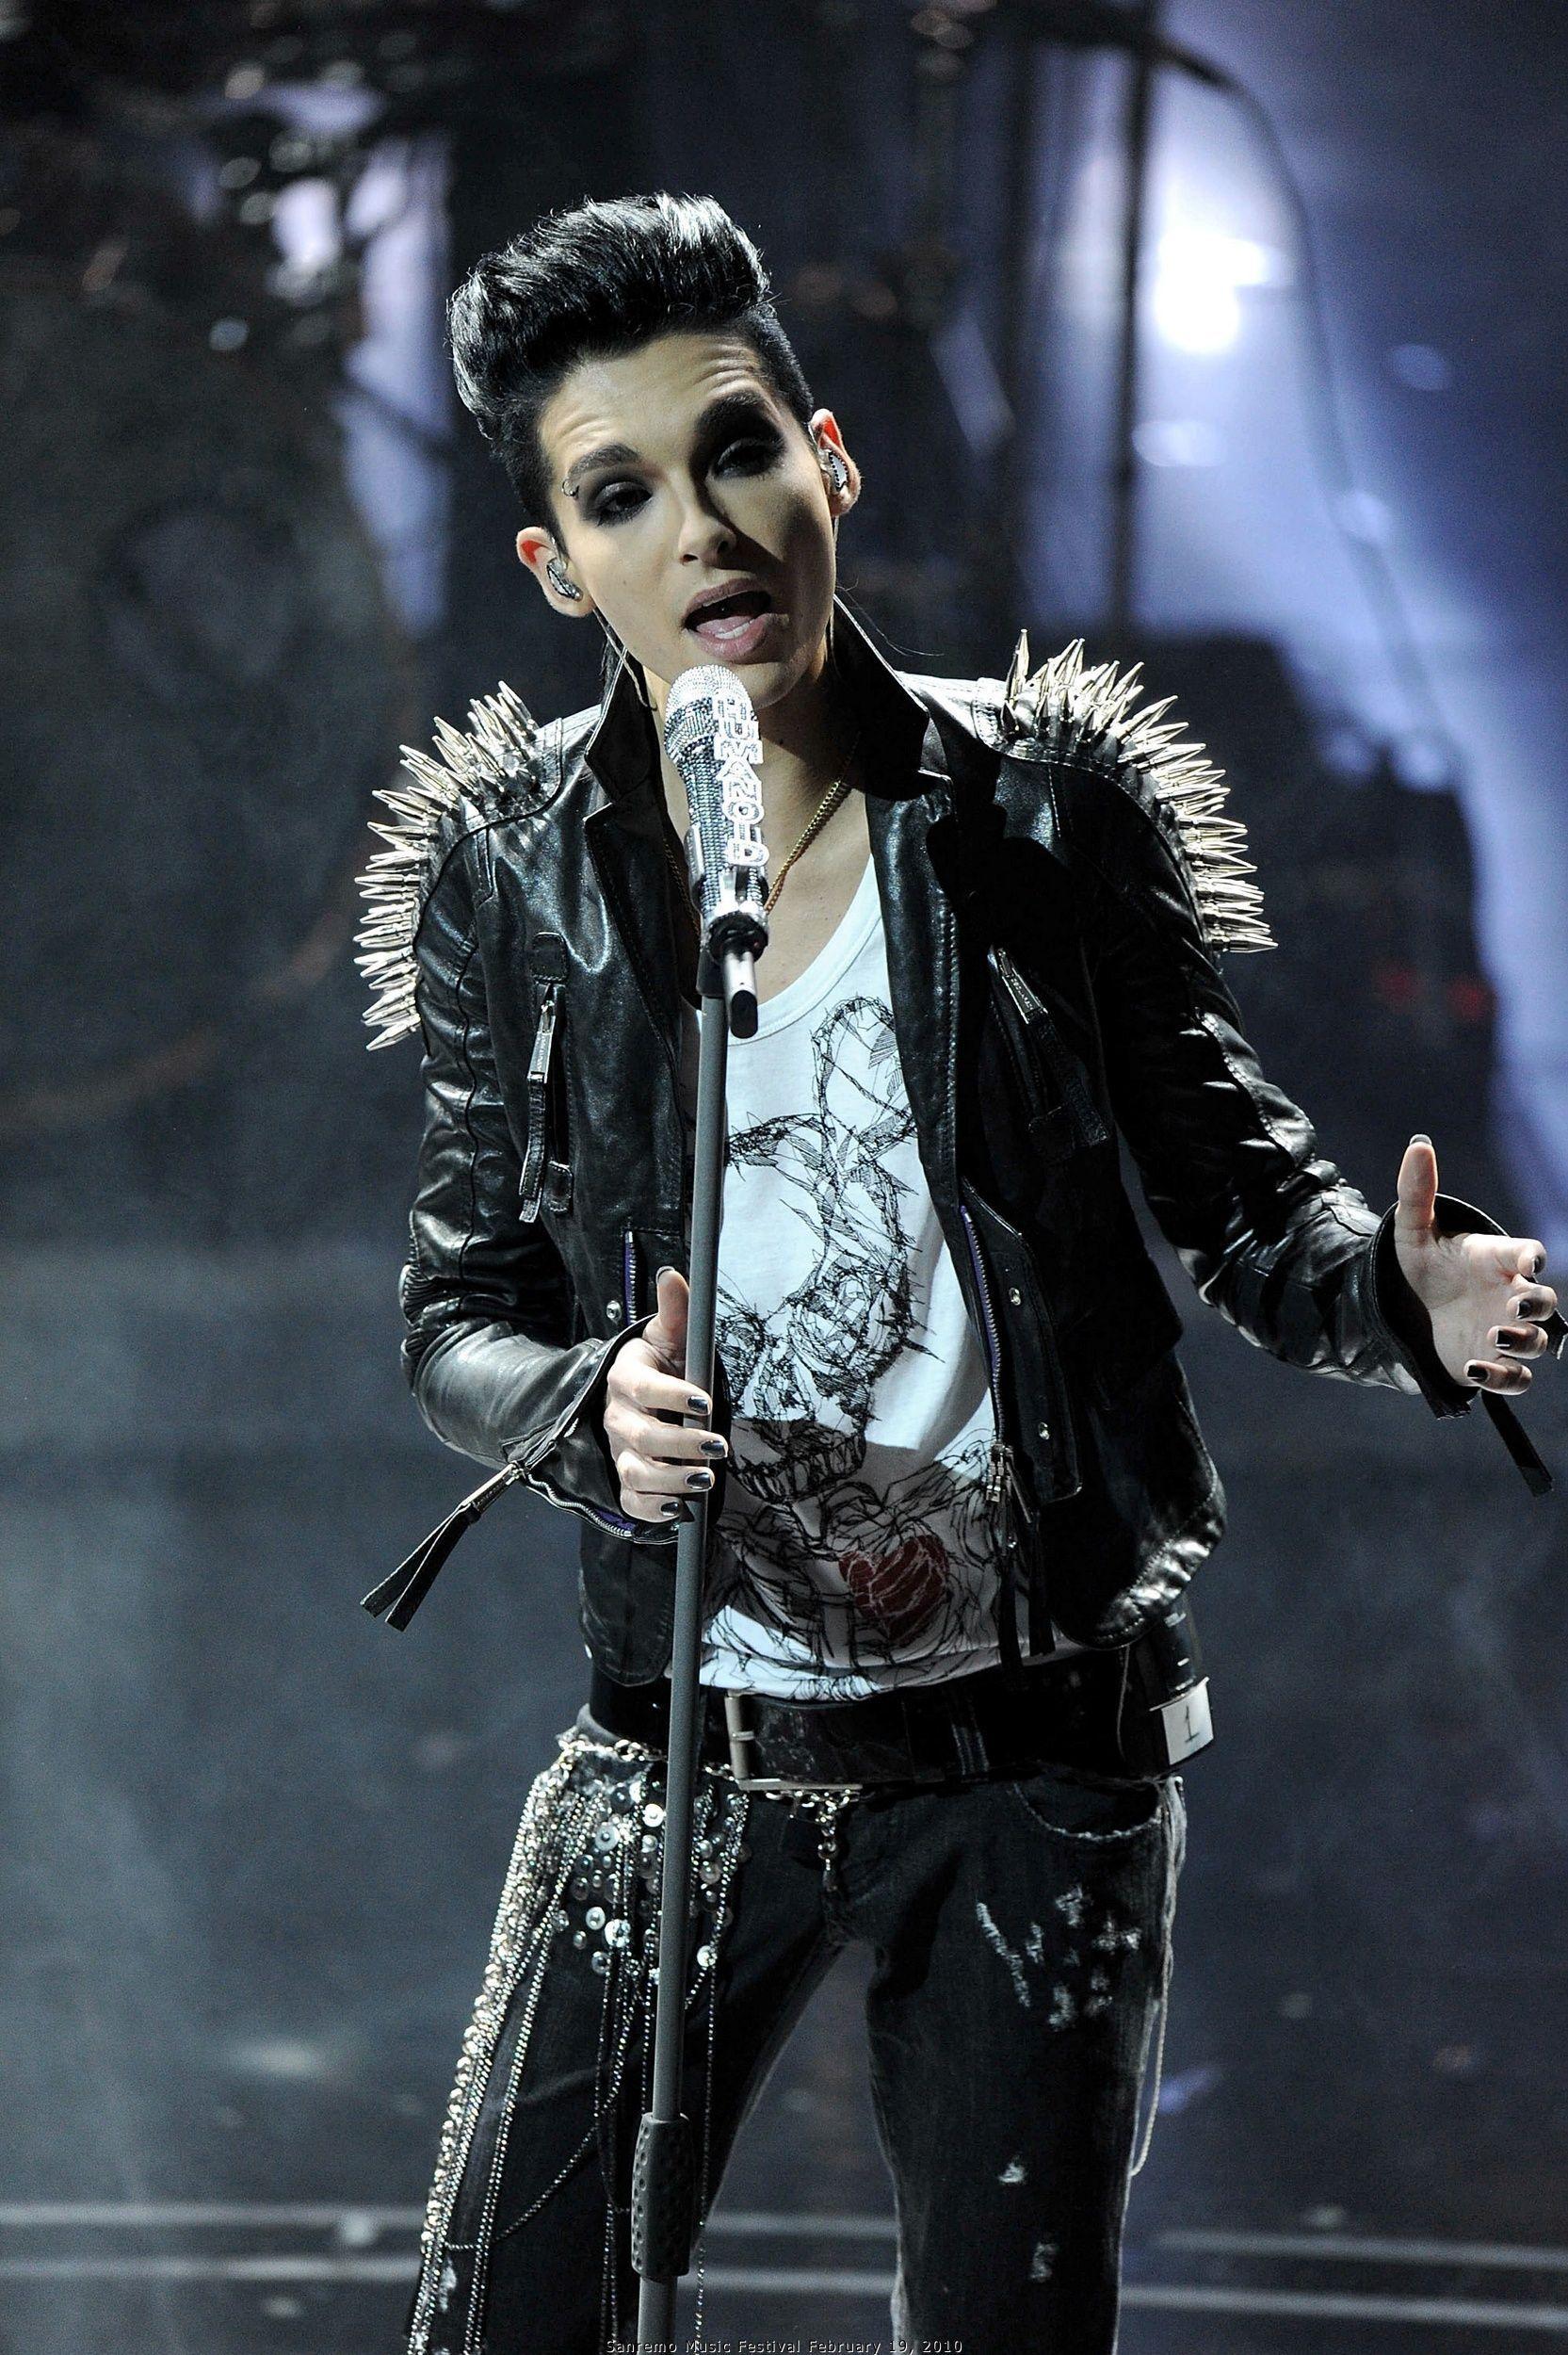 Sanremo Festival Feb 19 2010